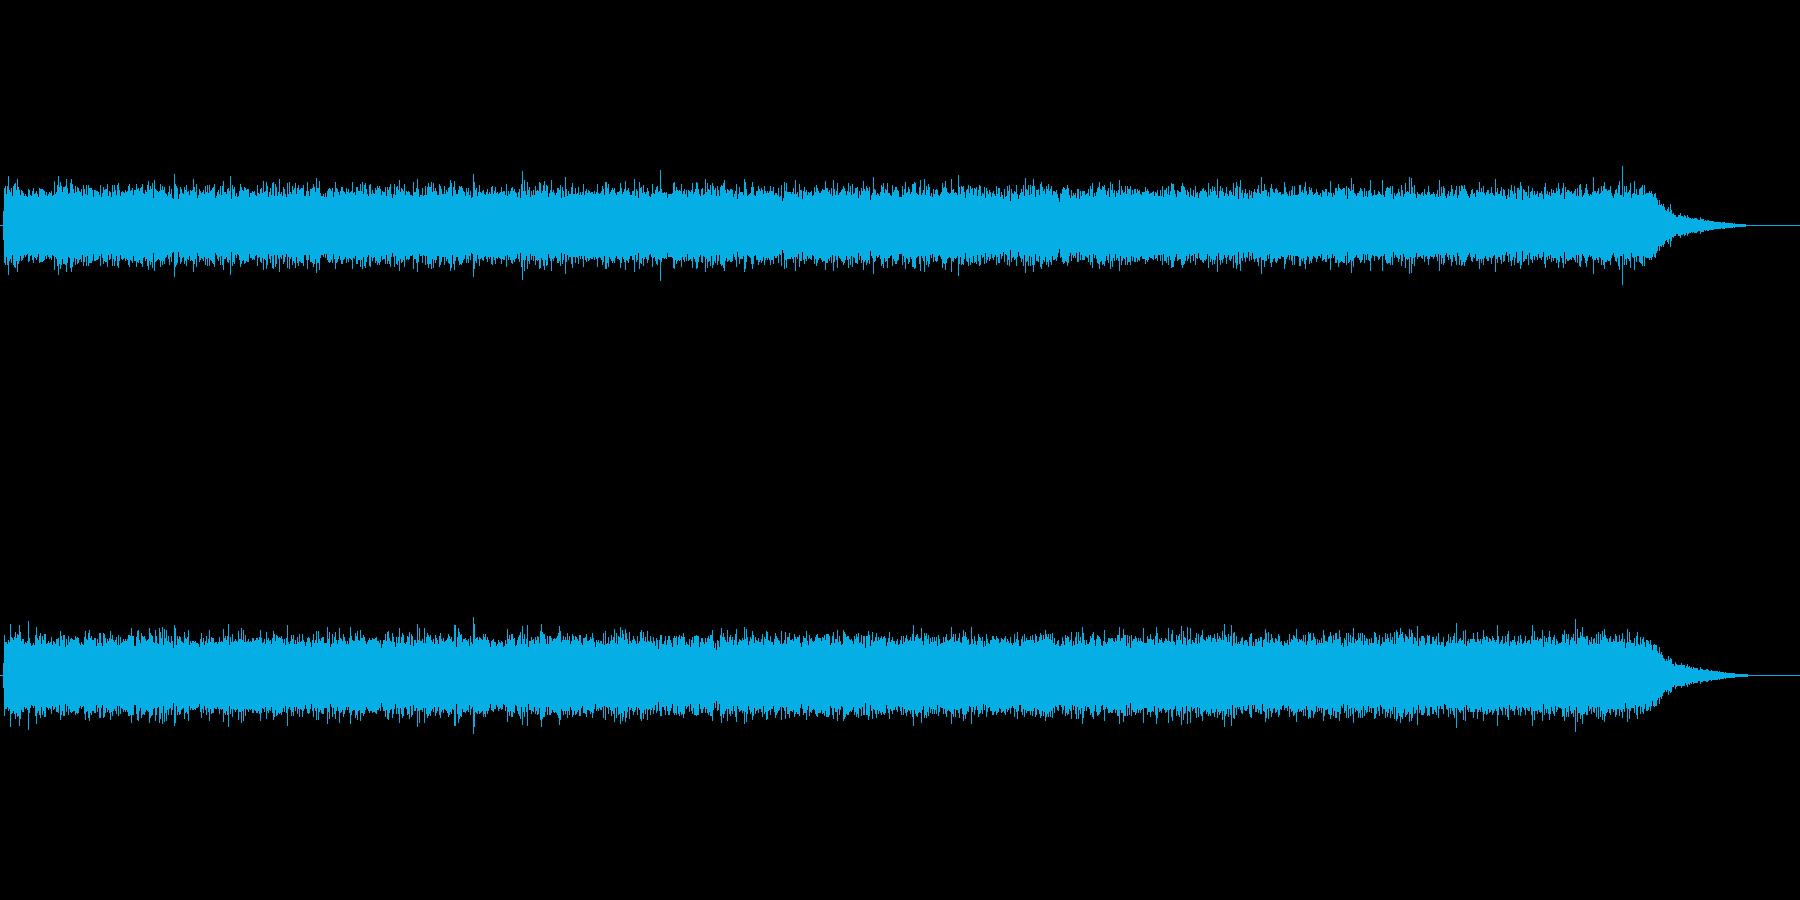 ザーッ(川の流れる音)の再生済みの波形